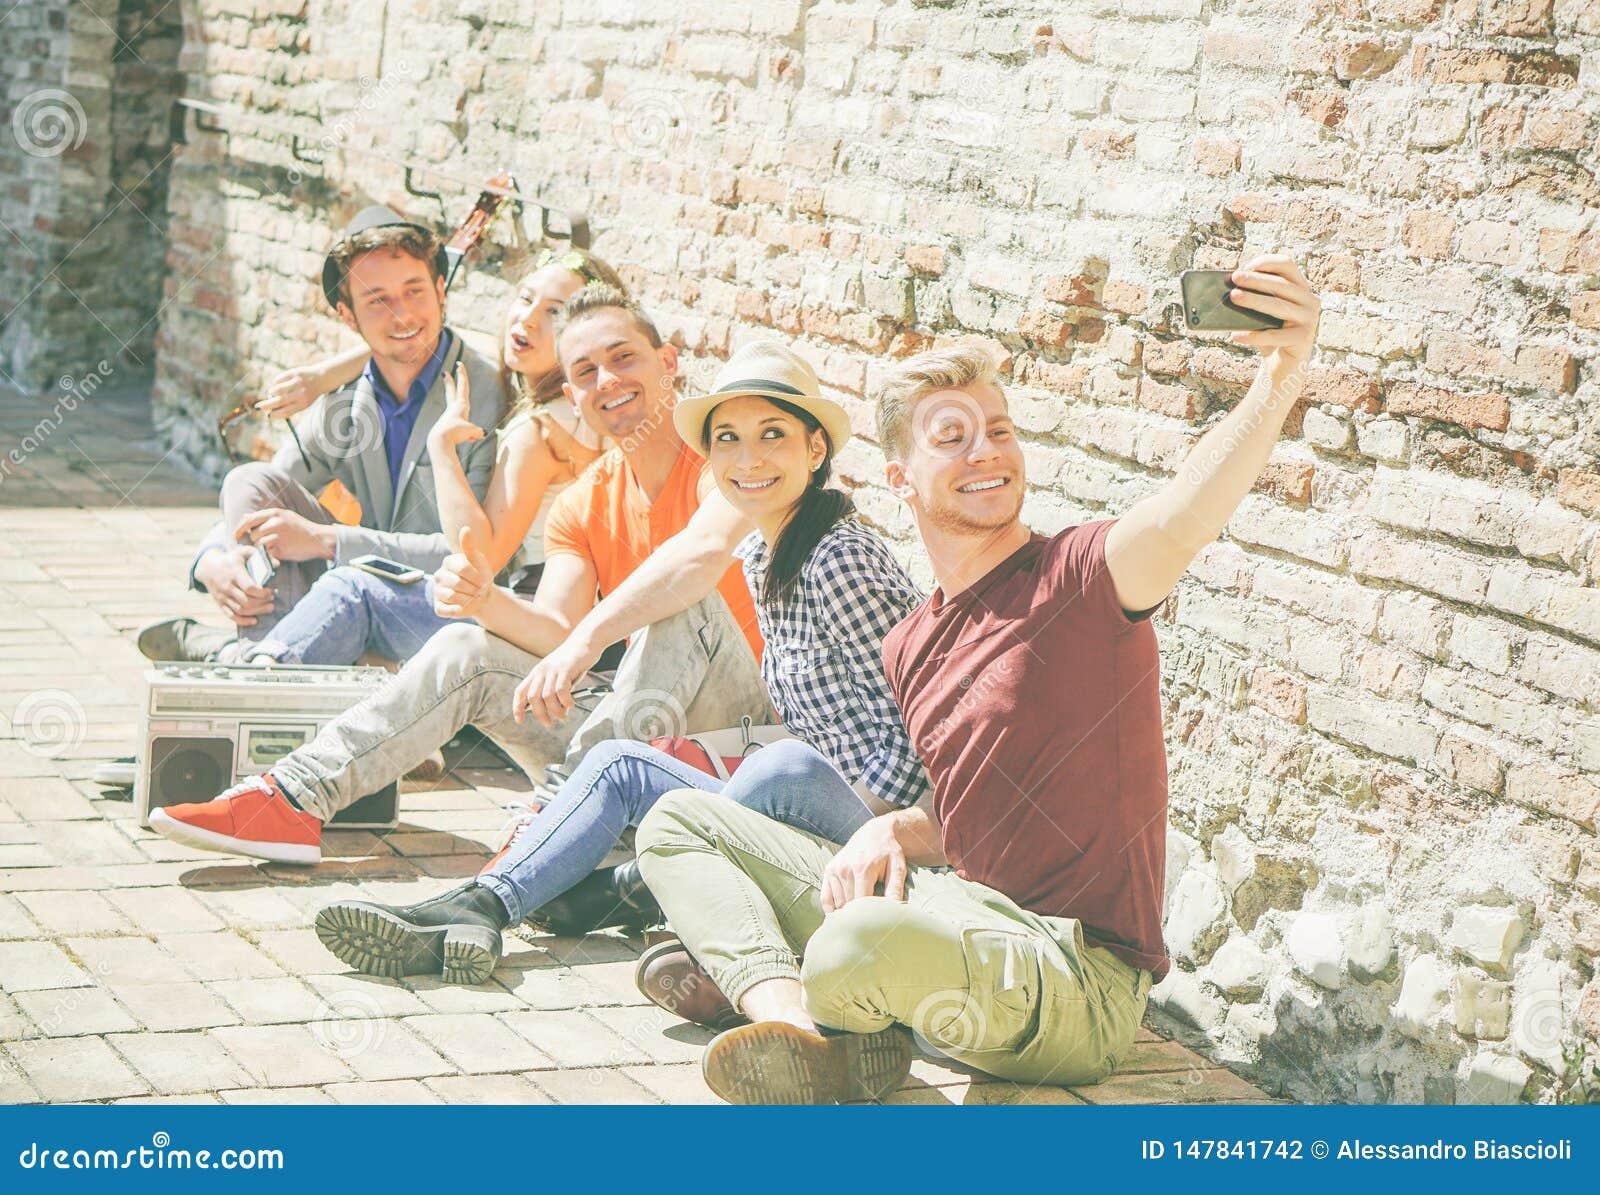 Groep multiraciale vrienden die een selfie met een mobiele smartphonecamera nemen - Zelfportret van gelukkige personen